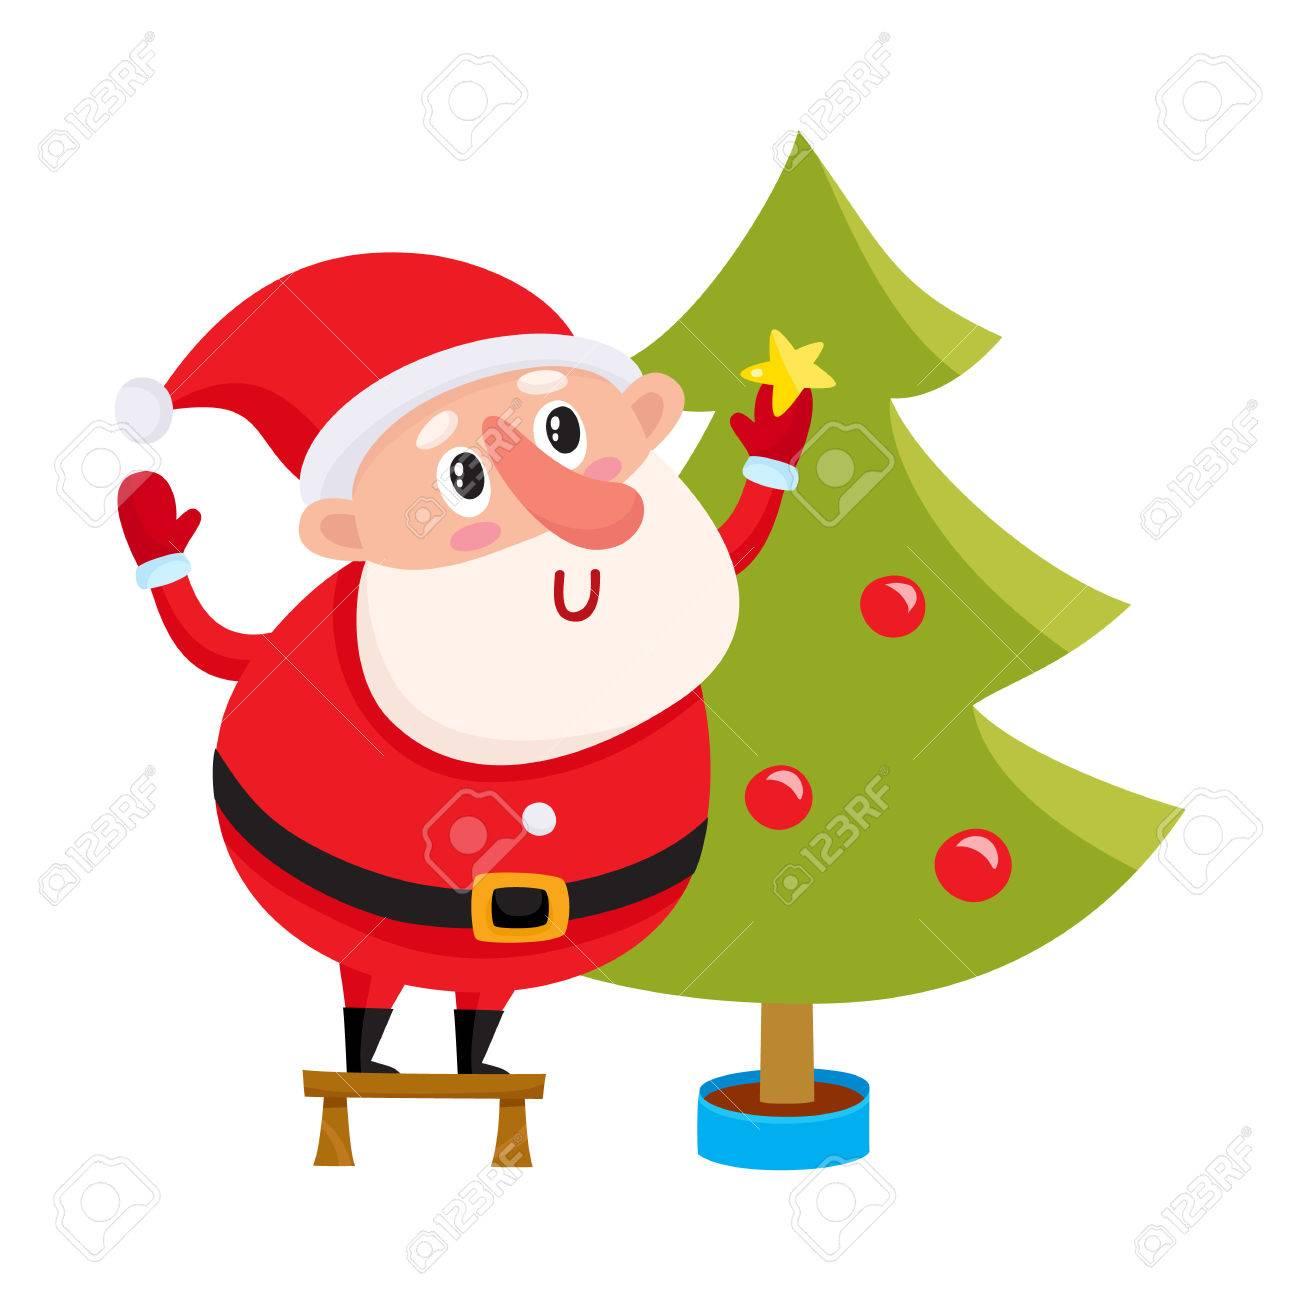 Mignon Et Drôle De Père Noël Décorer Un Sapin De Noël Illustration De Vecteur De Dessin Animé Isolé Sur Fond Blanc Cartoon Santa Claus Suspendus Des